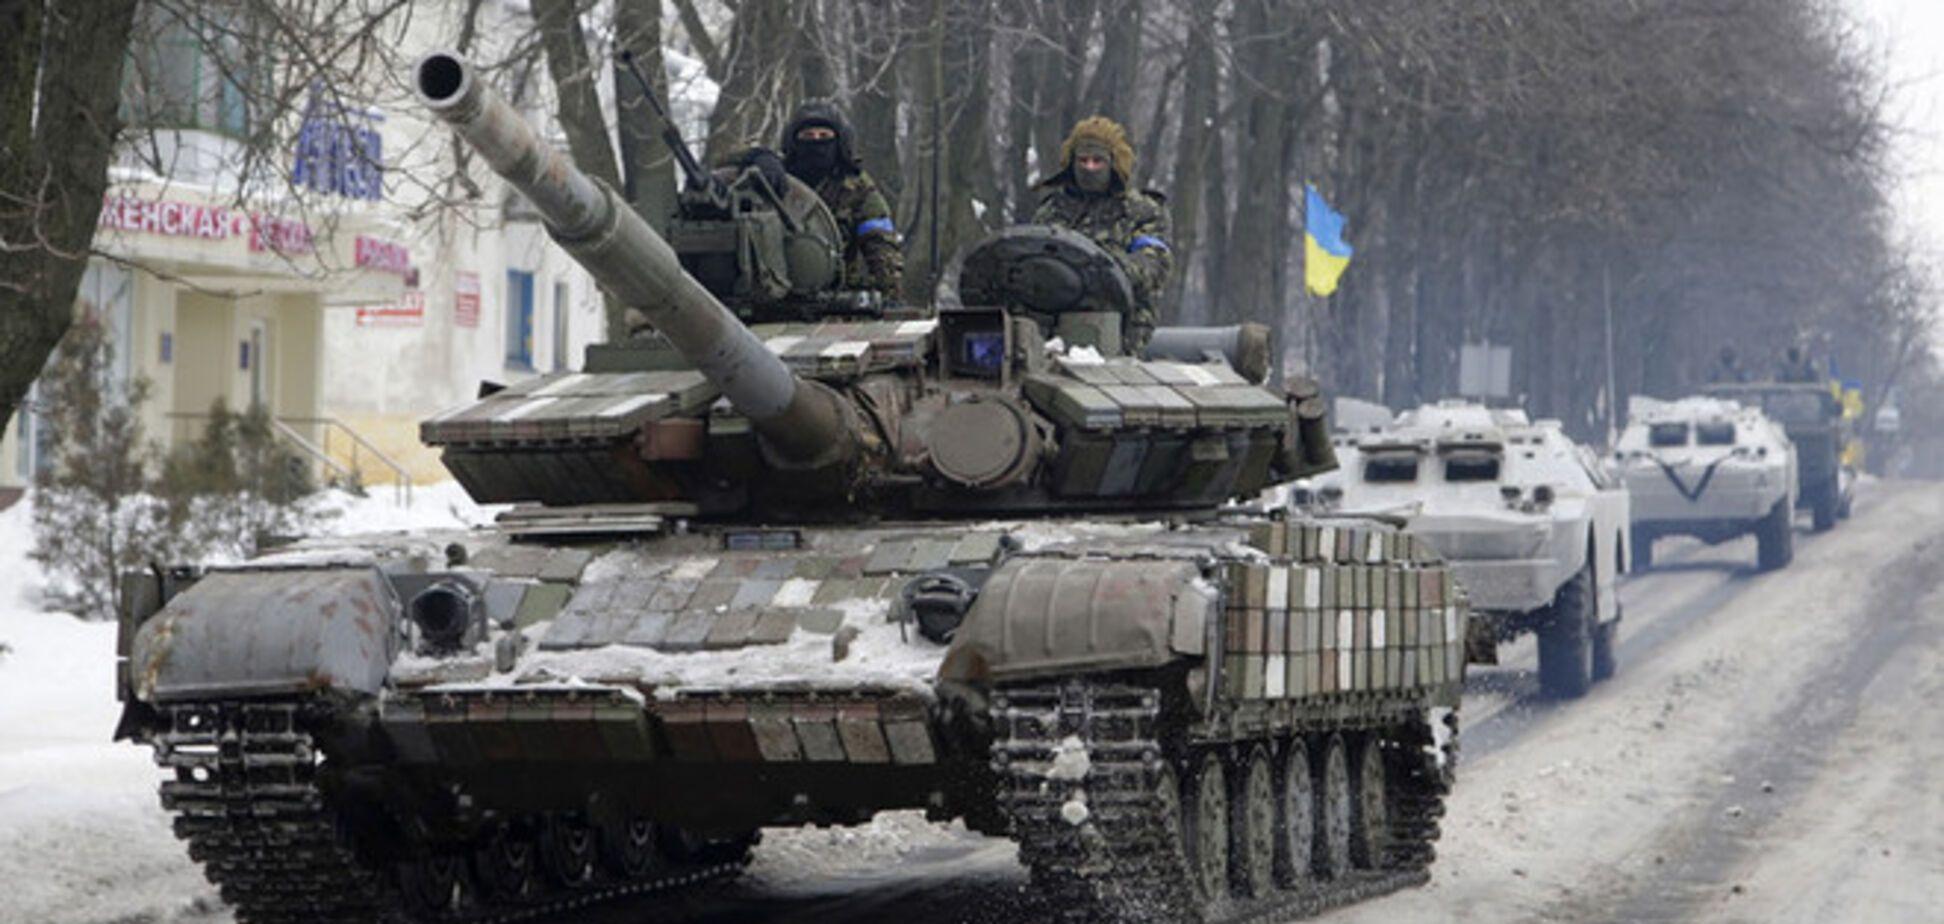 Российские оккупанты готовили бойцам АТО повторение 'Иловайского котла' - журналист